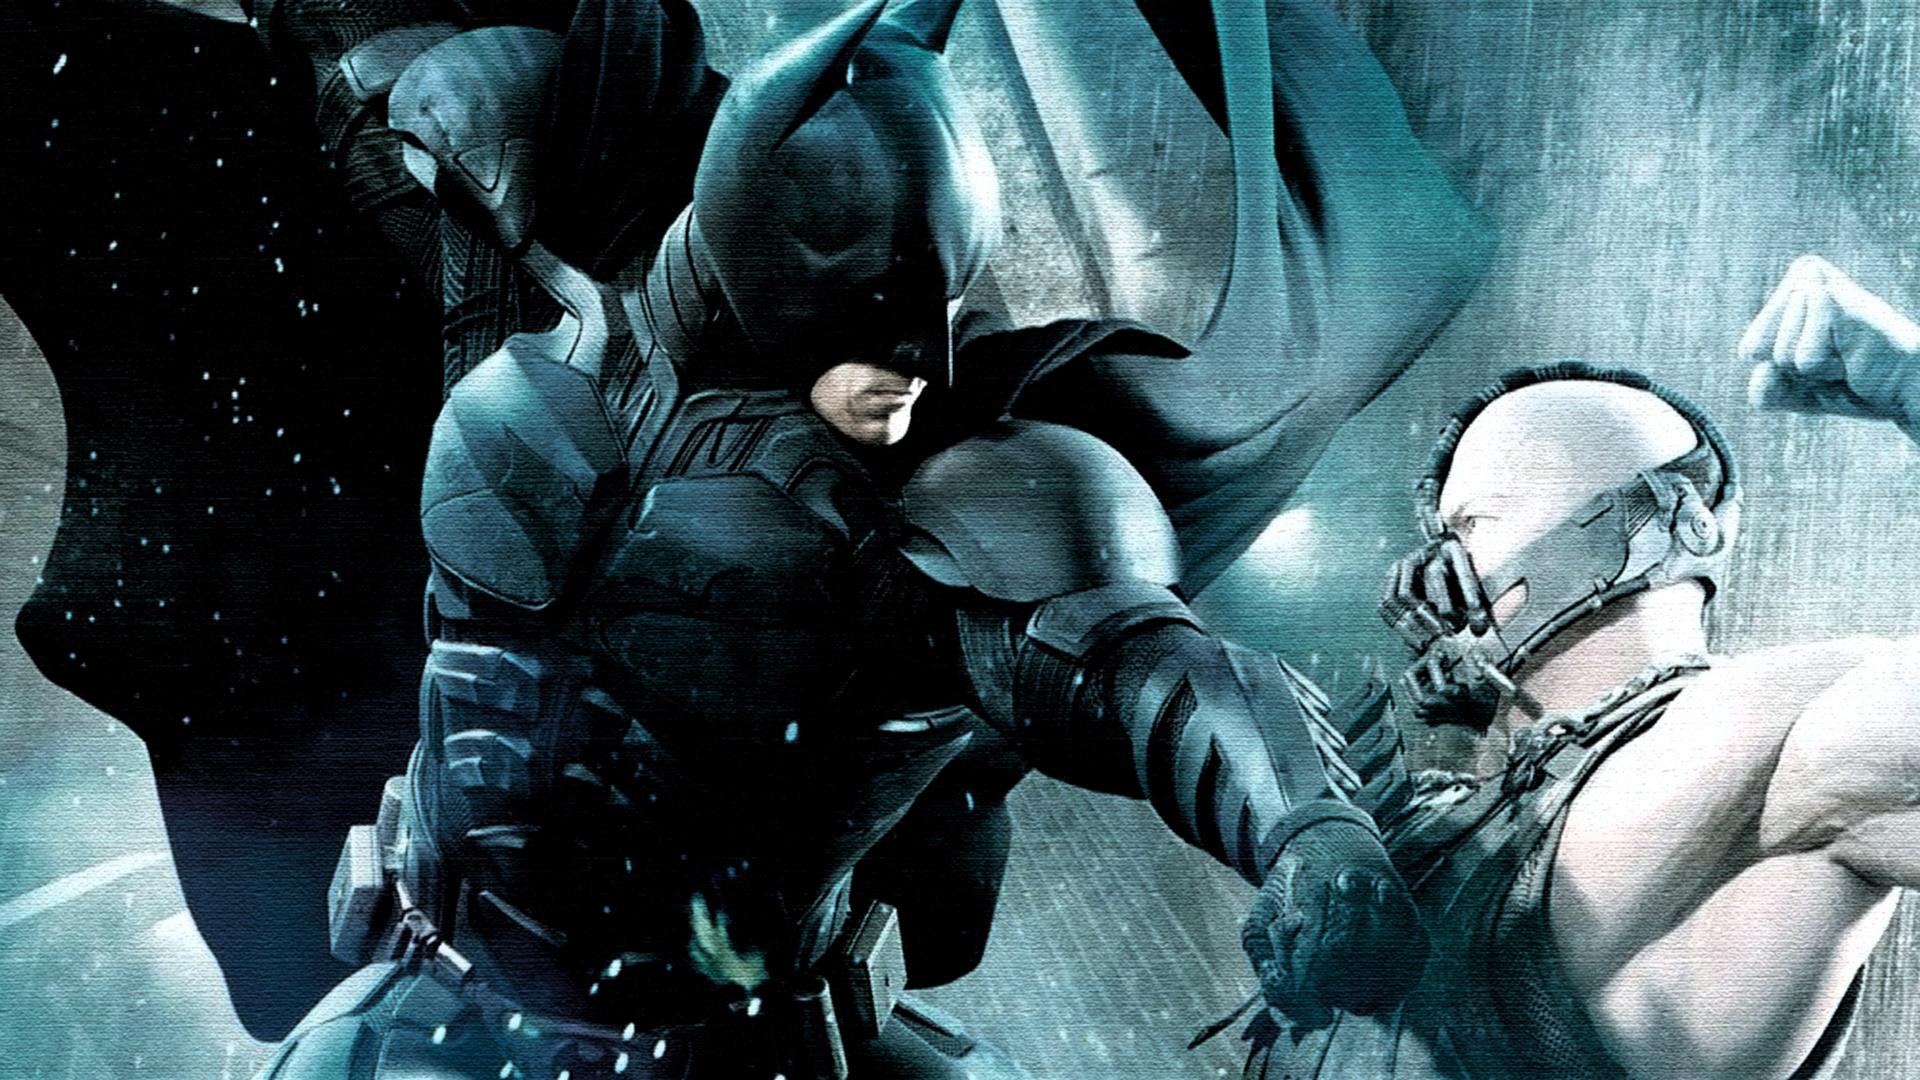 Batman Arkham Knight Hd Desktop Wallpaper High Definition 1920x1080